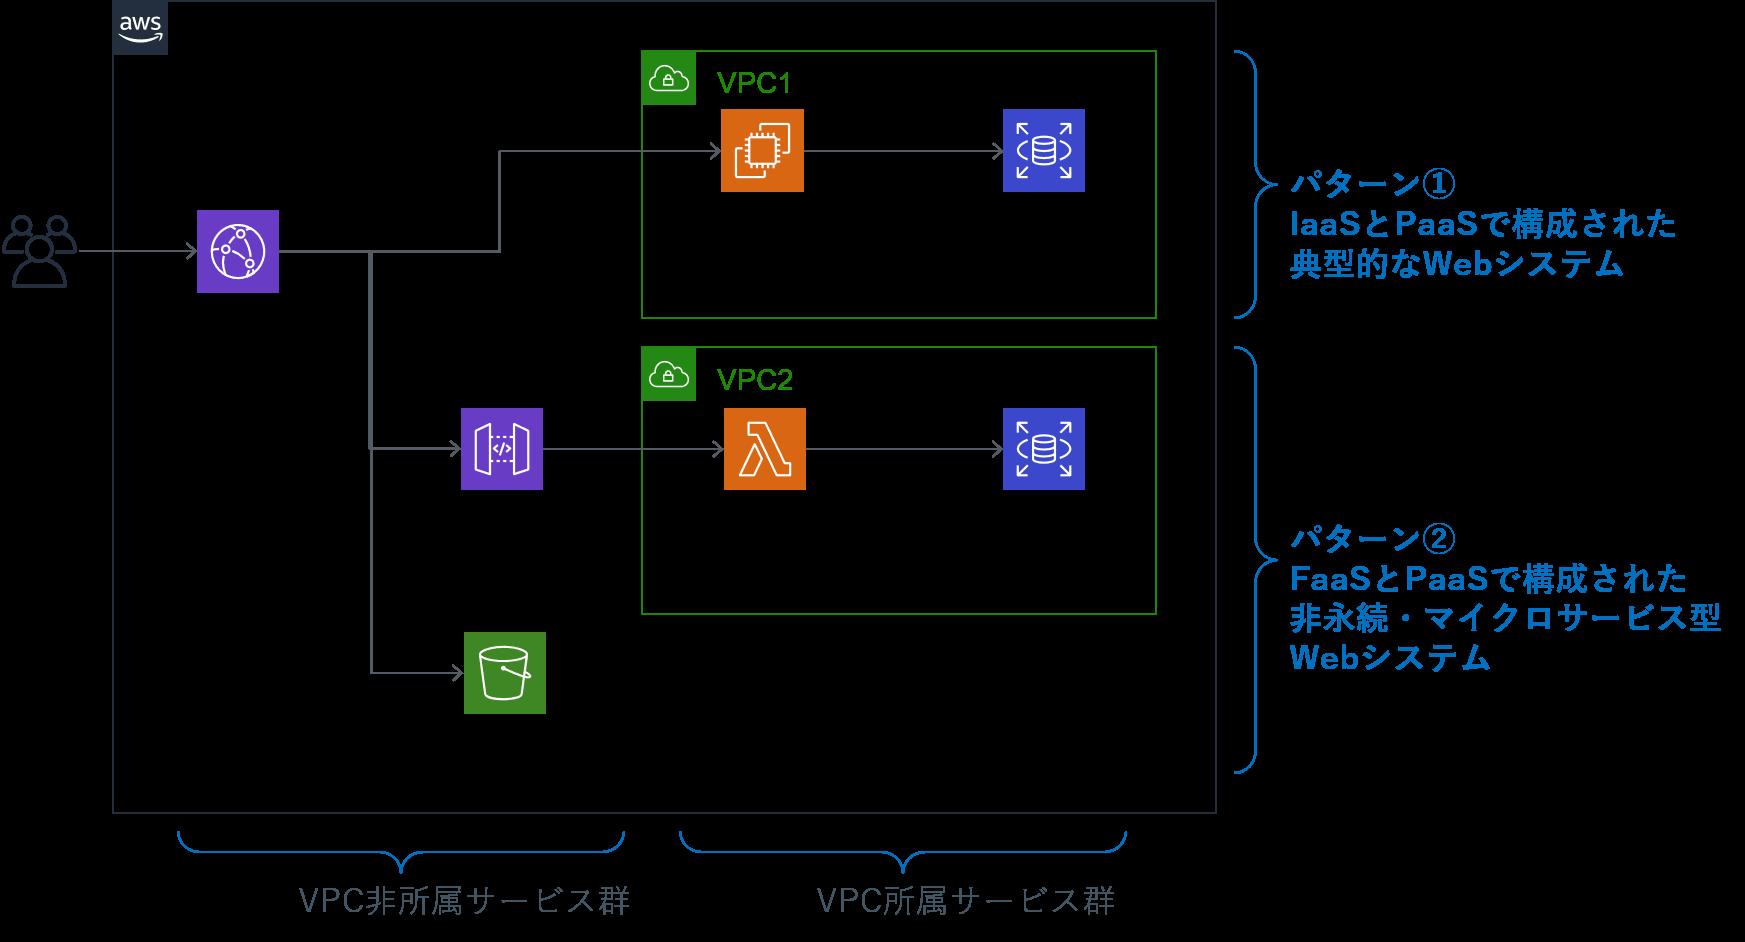 AWSを活用した代表的な構成例